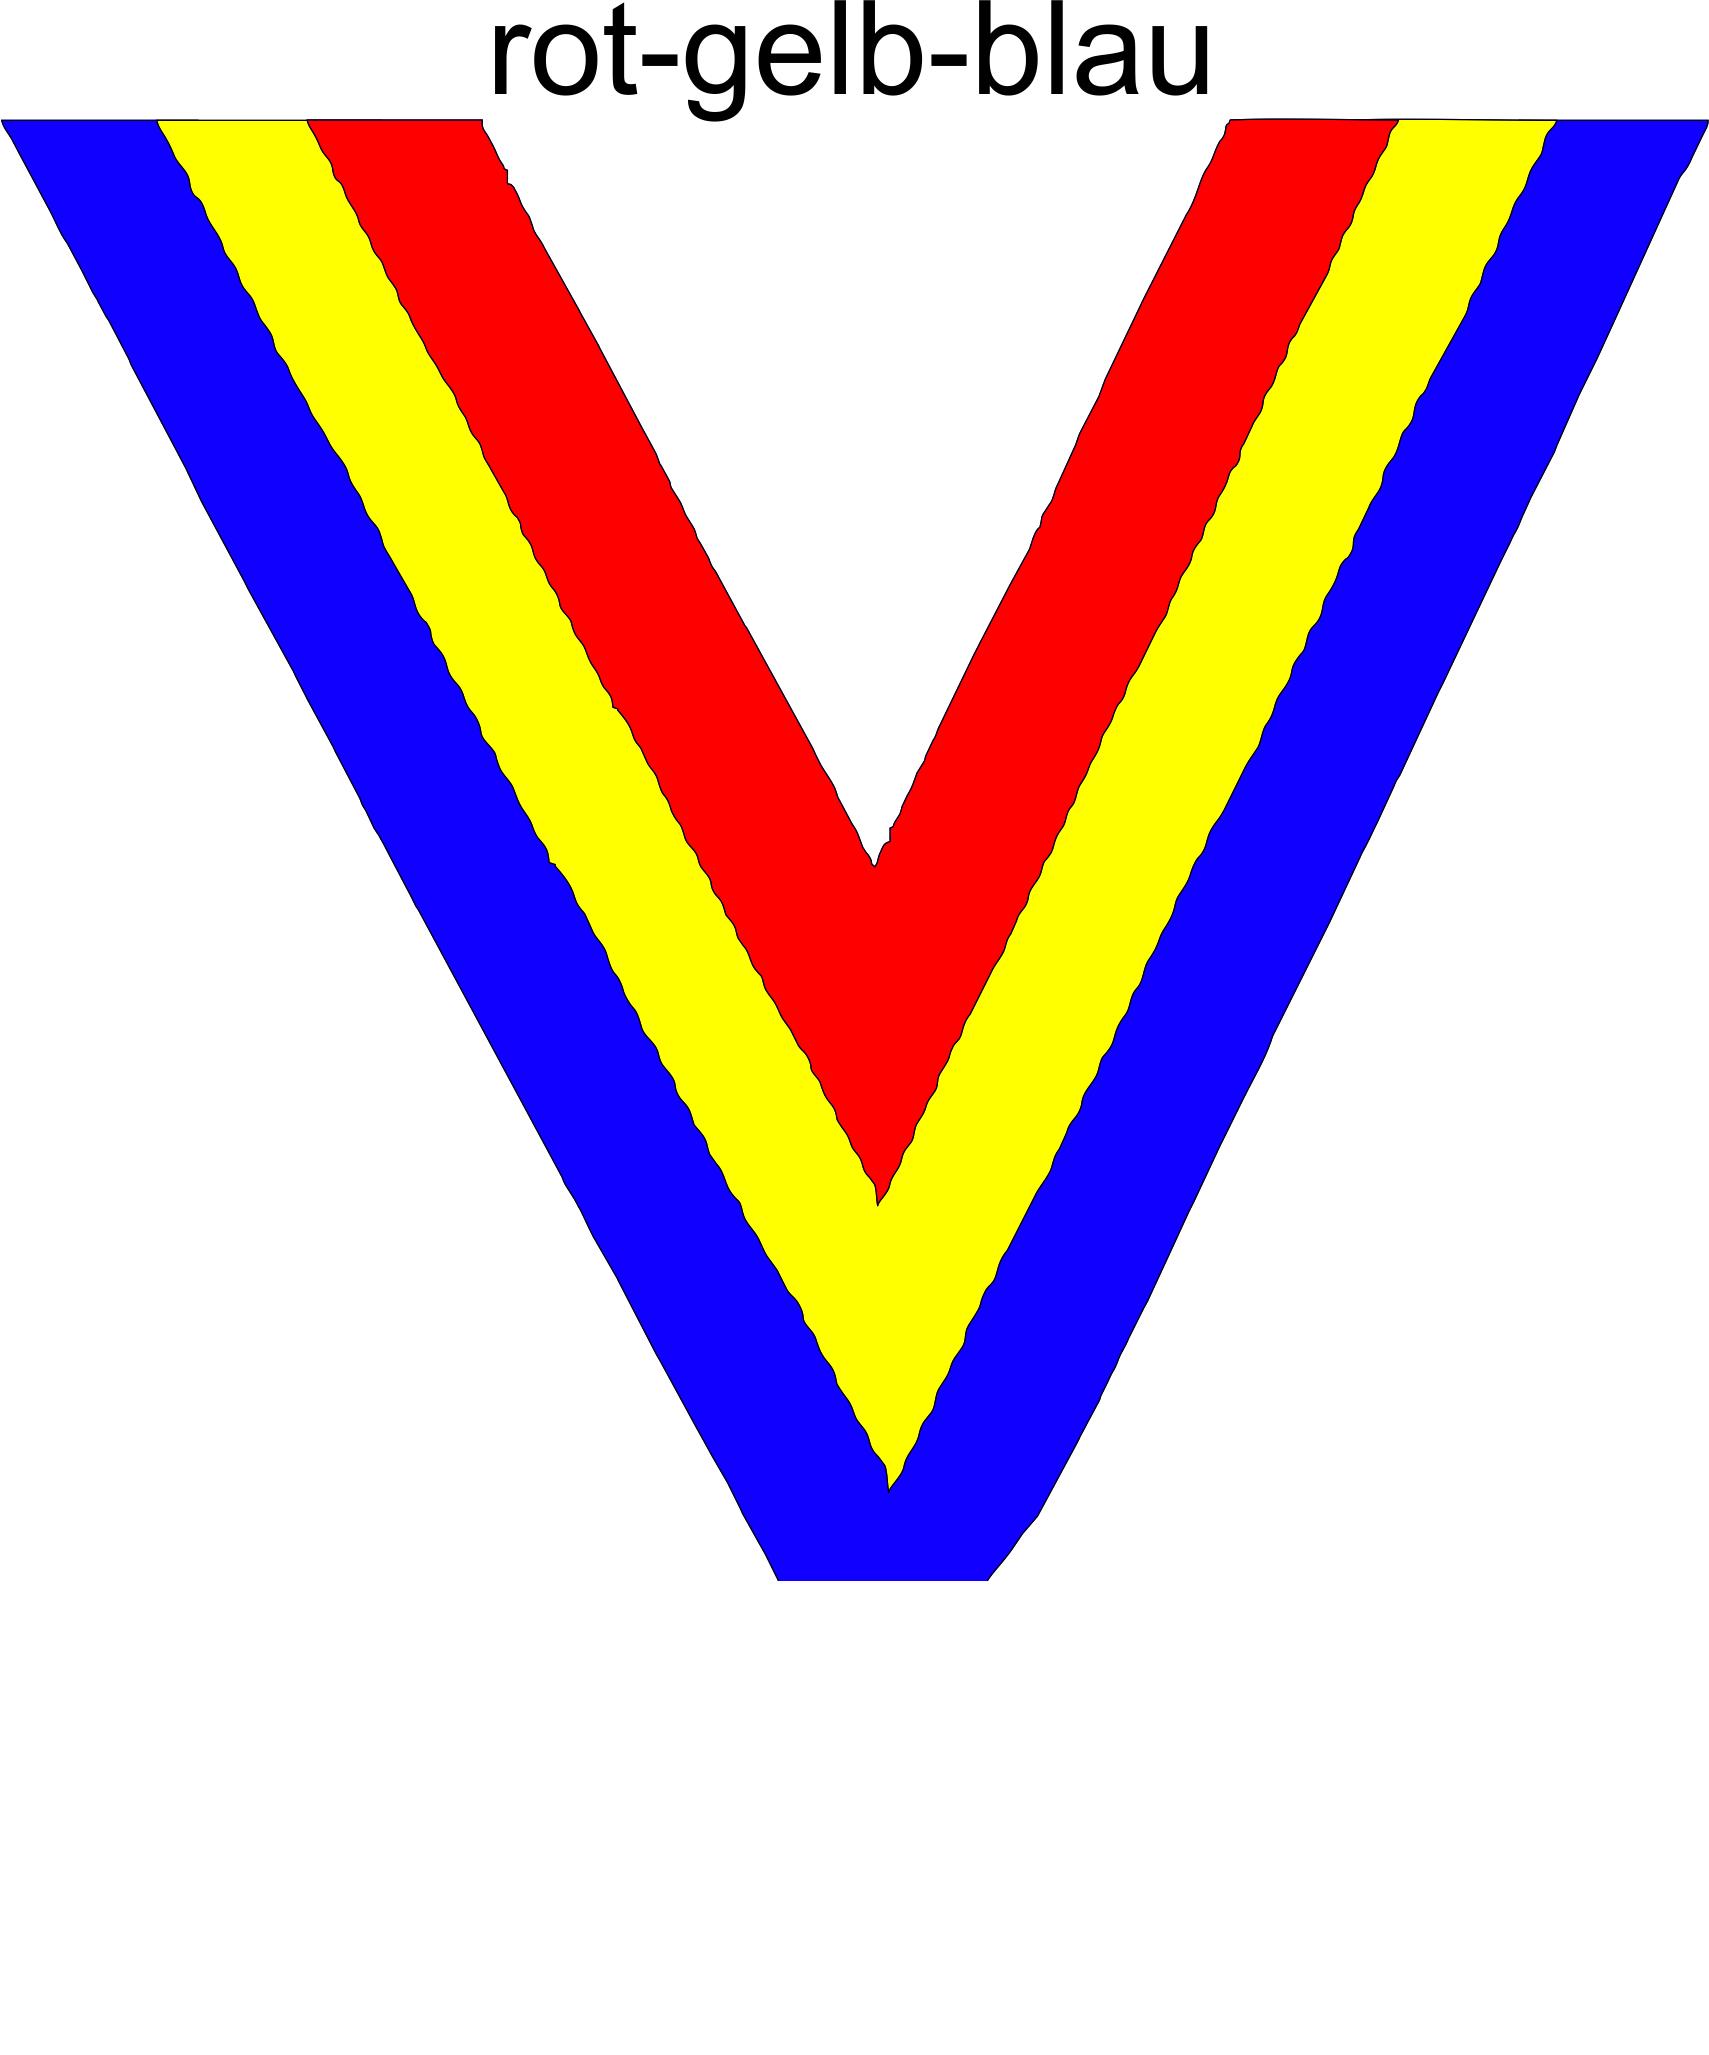 rot-gelb-blauwAMOPbkTSqWw5